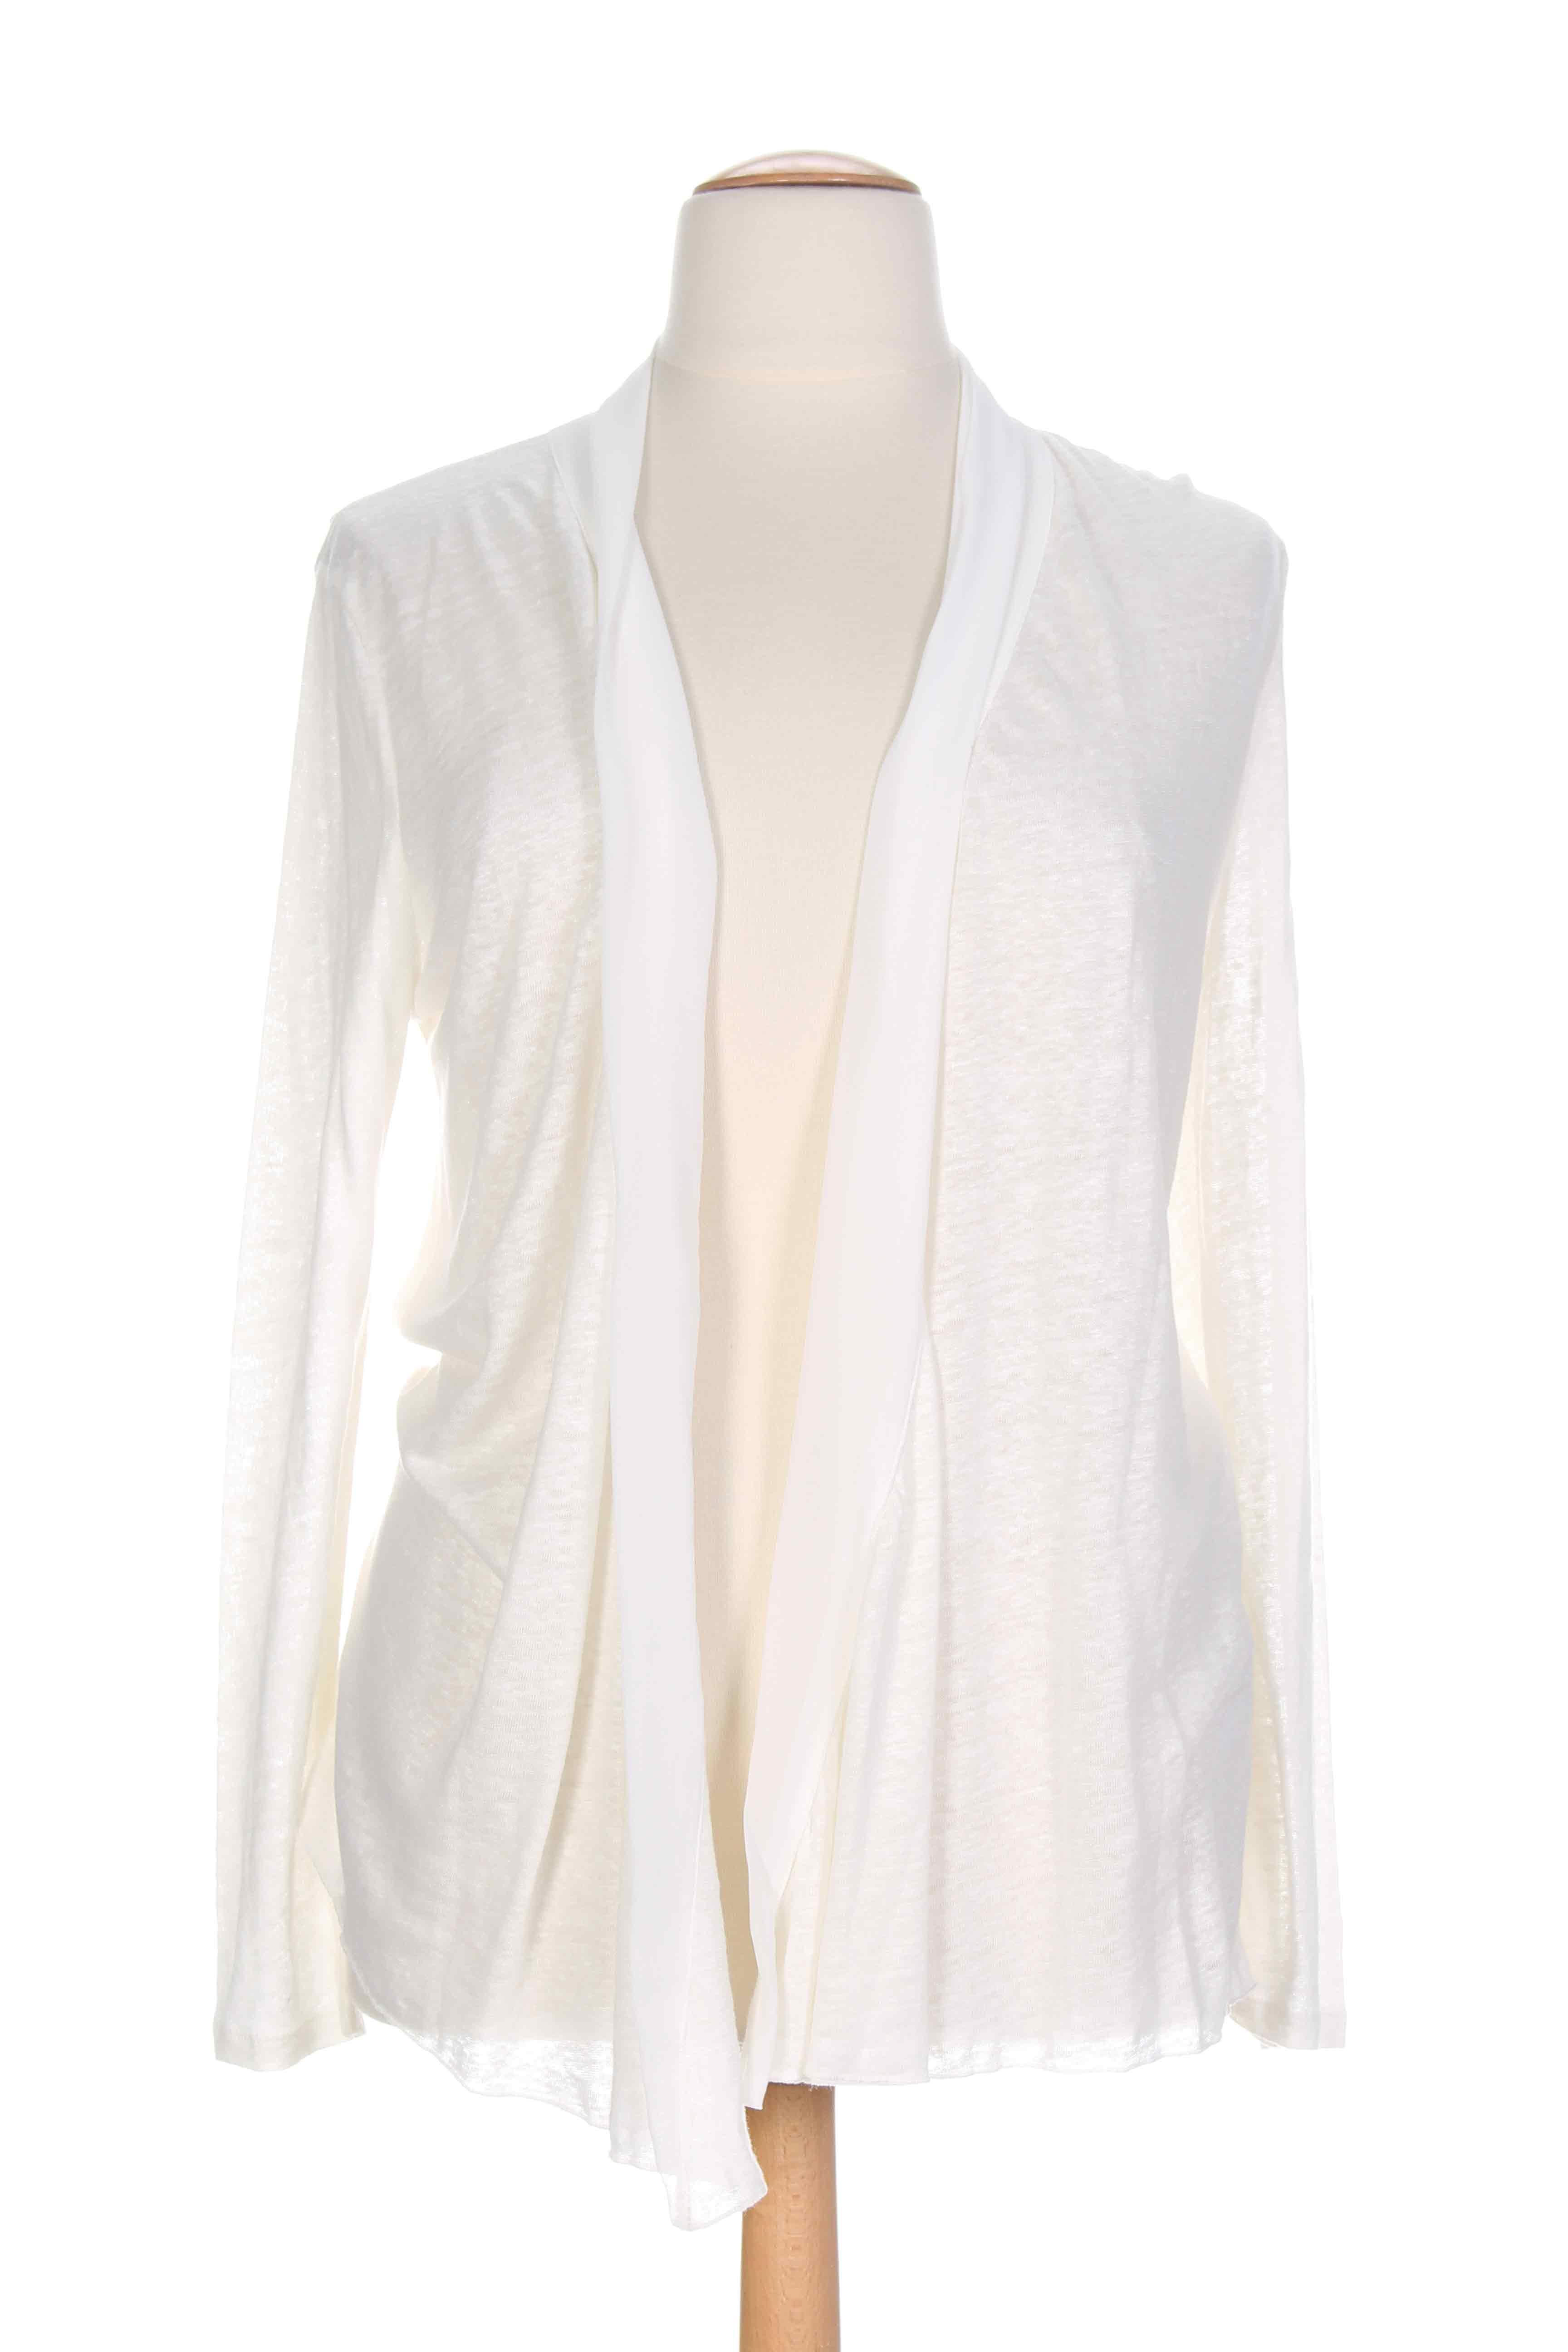 La fee maraboutee cardigans femme de couleur blanc en soldes pas cher 871806 - Fee maraboutee soldes ...